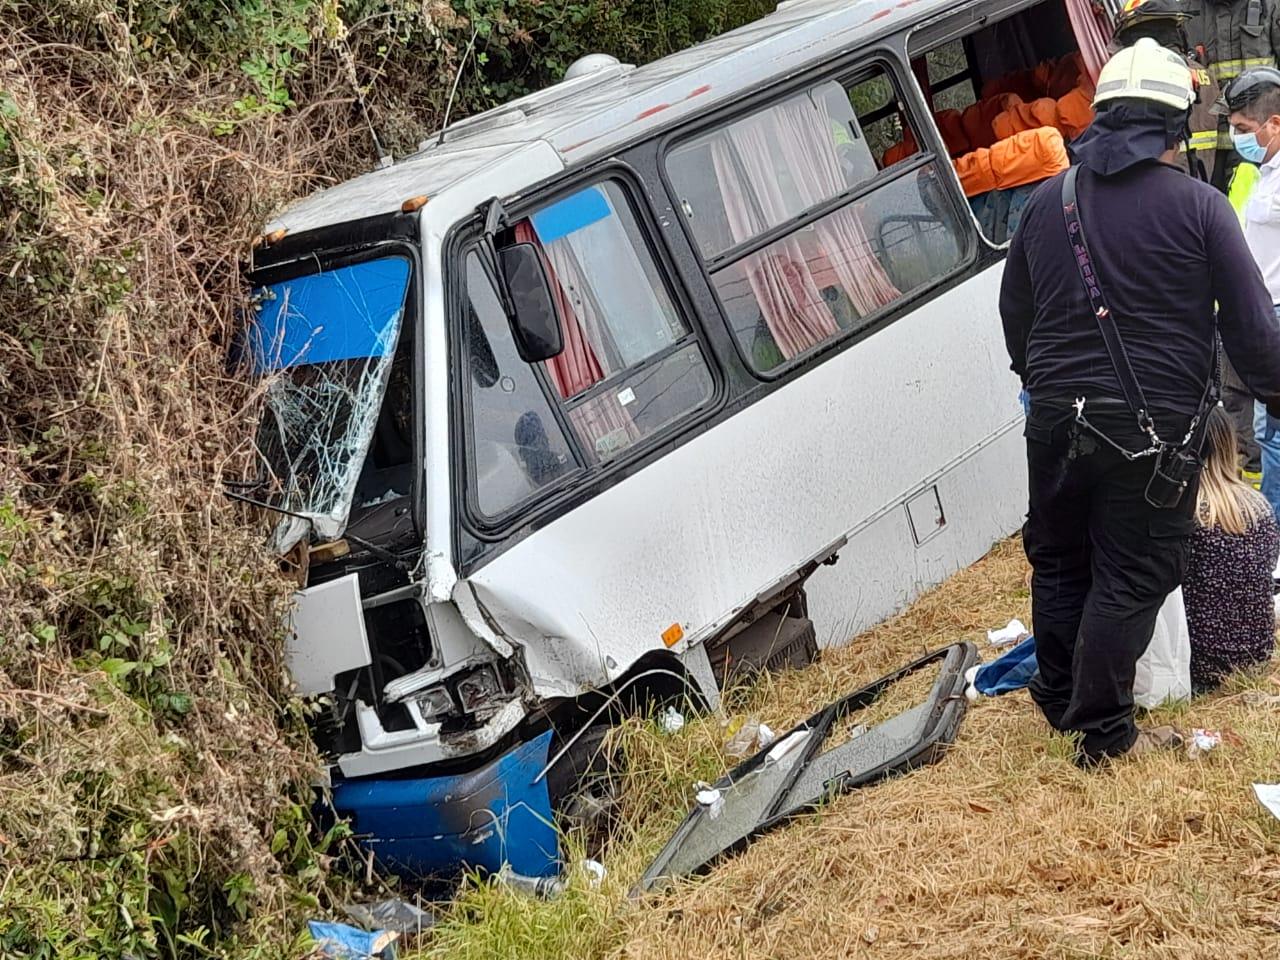 Los Ángeles: Bus cae a una zanja tras participar en colisión múltiple